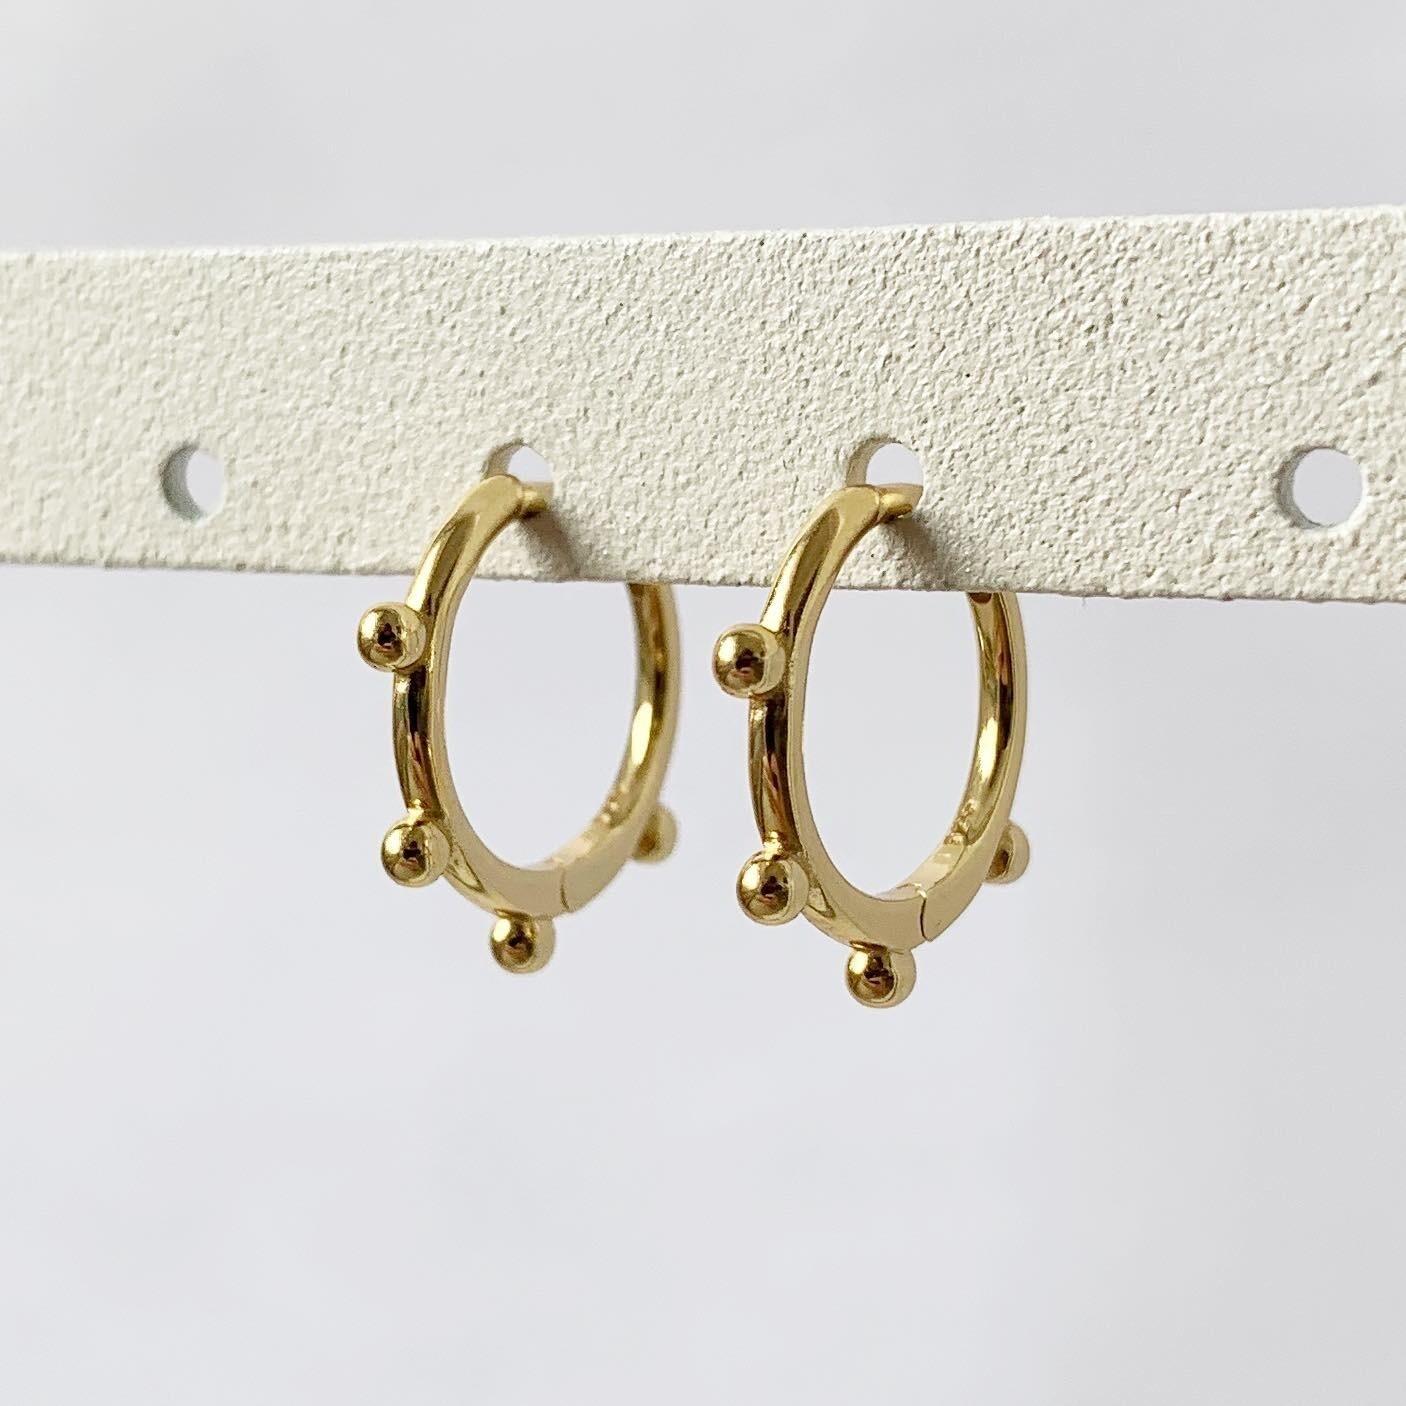 4 beads oorringetjes 925 sterling zilver/goud